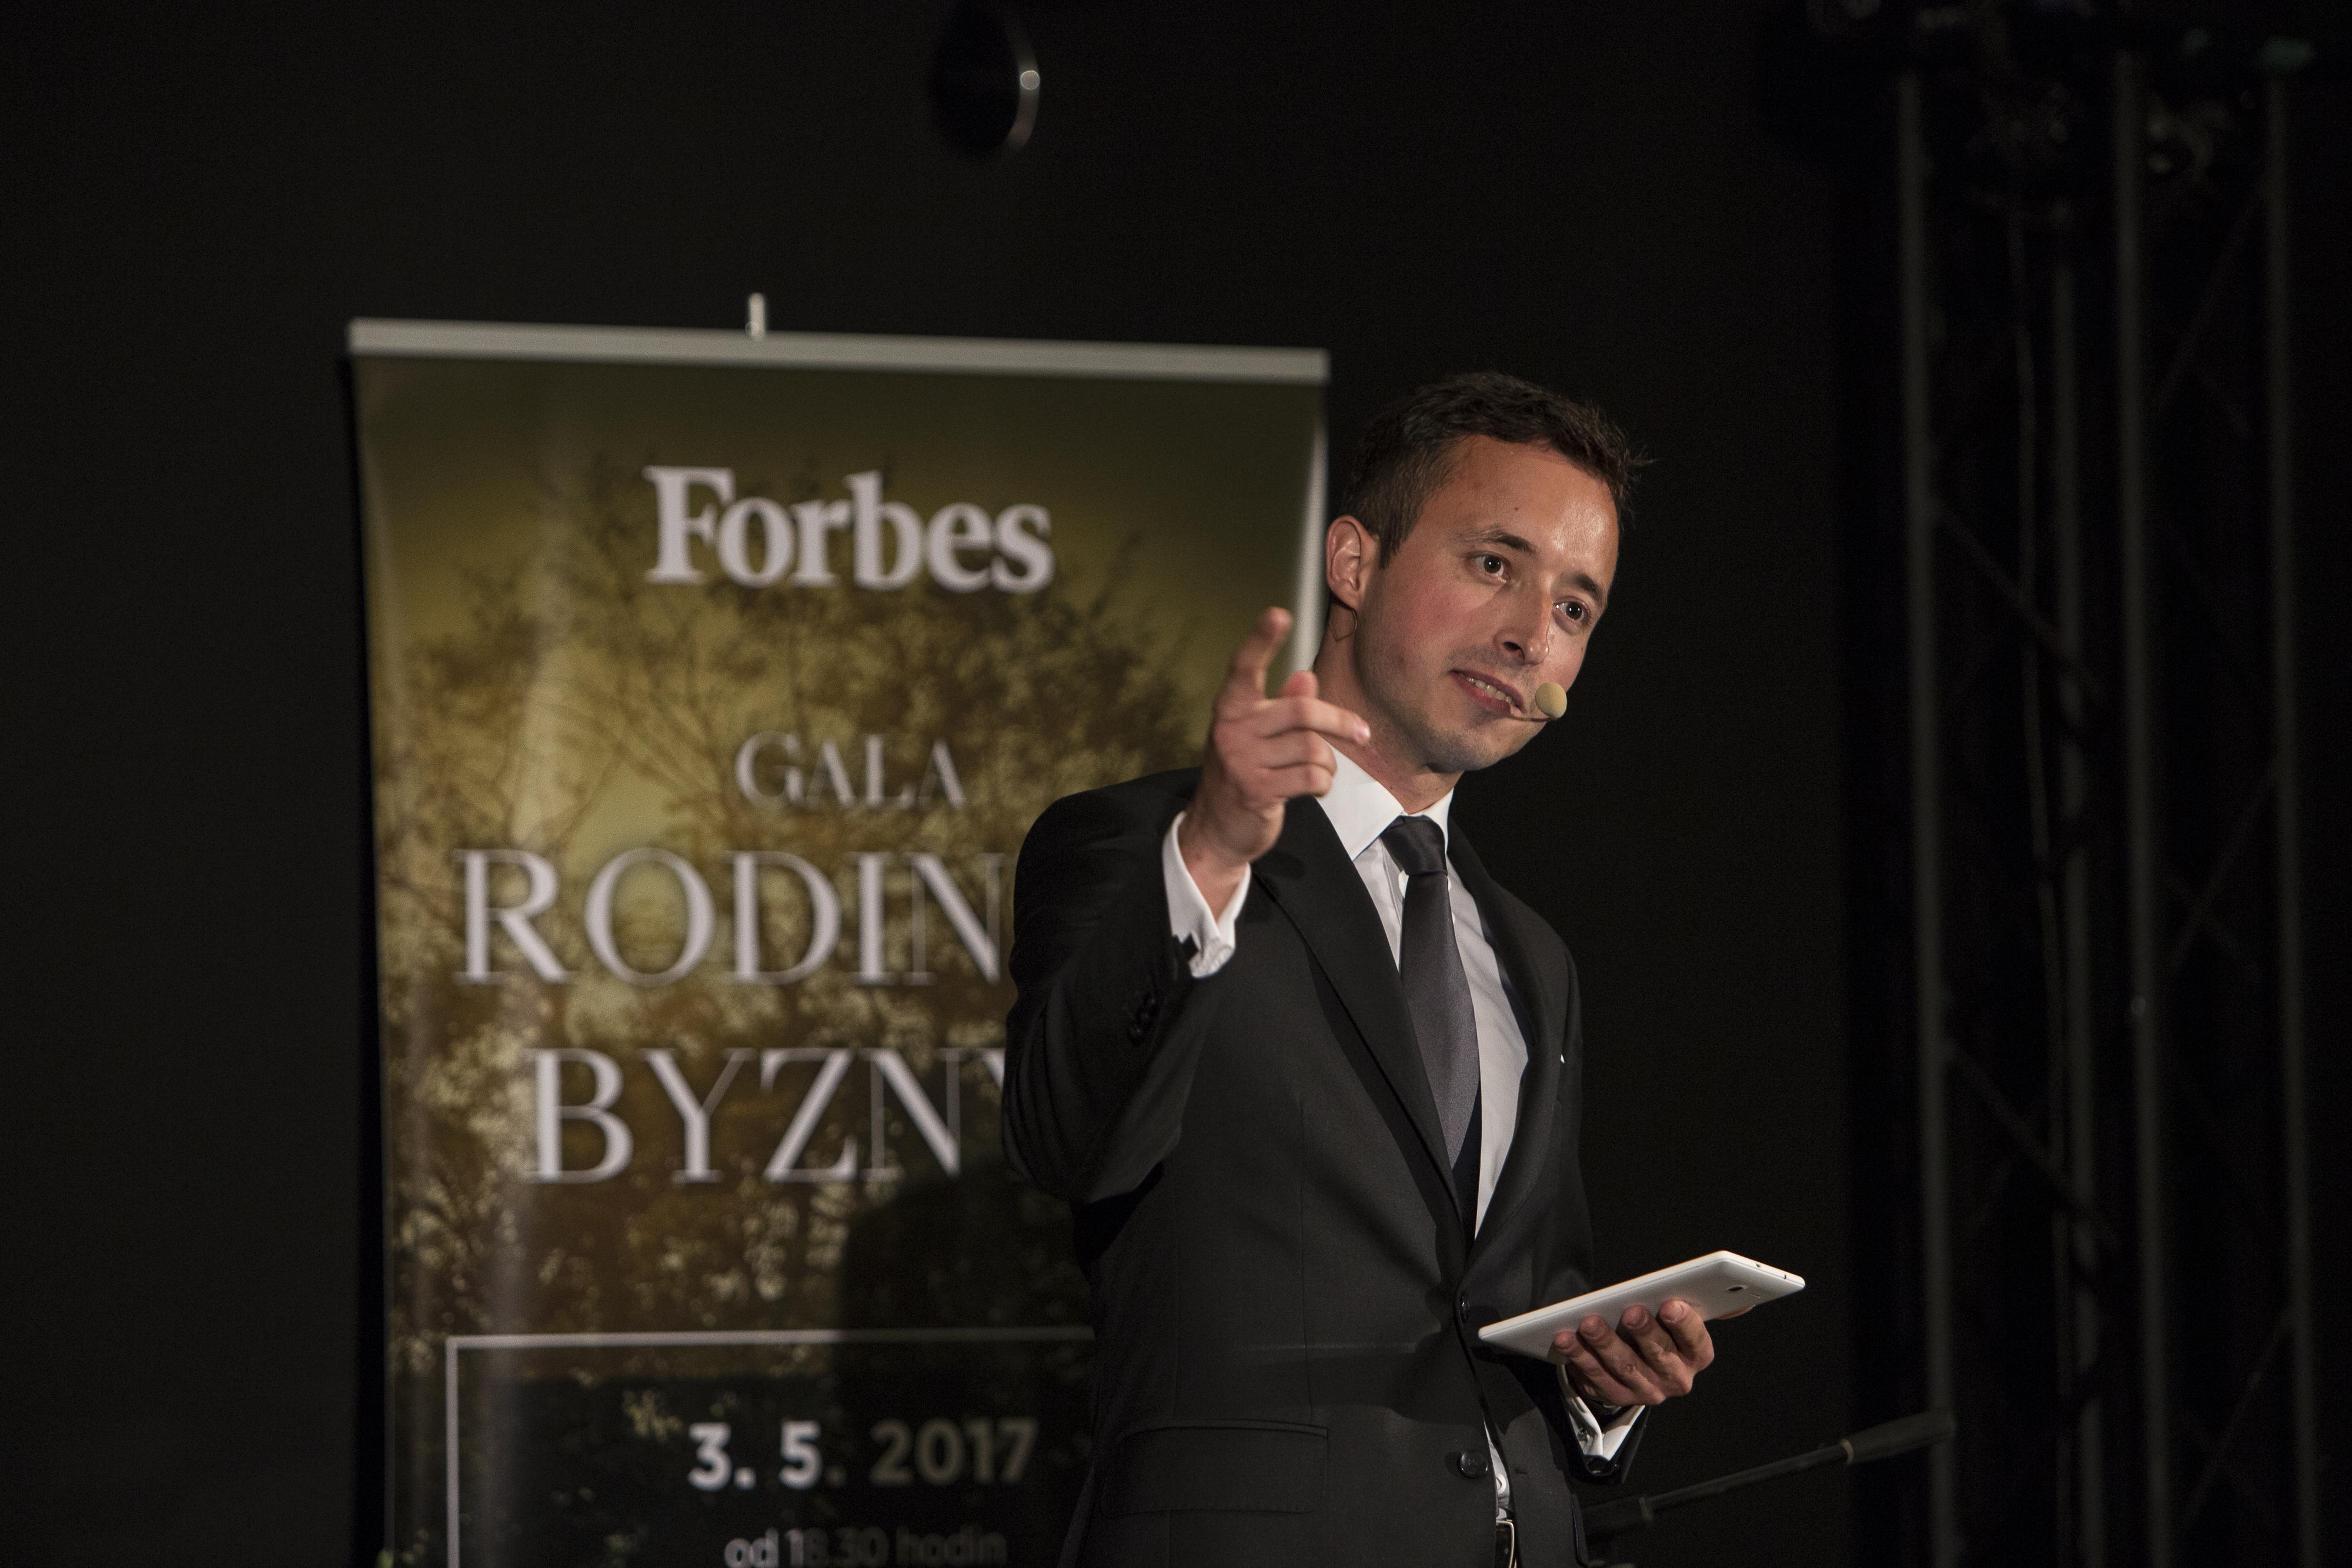 Večerem provázeli redaktoři Forbesu Pavel Kalouš (na fotografii) a Jaroslav Mašek.